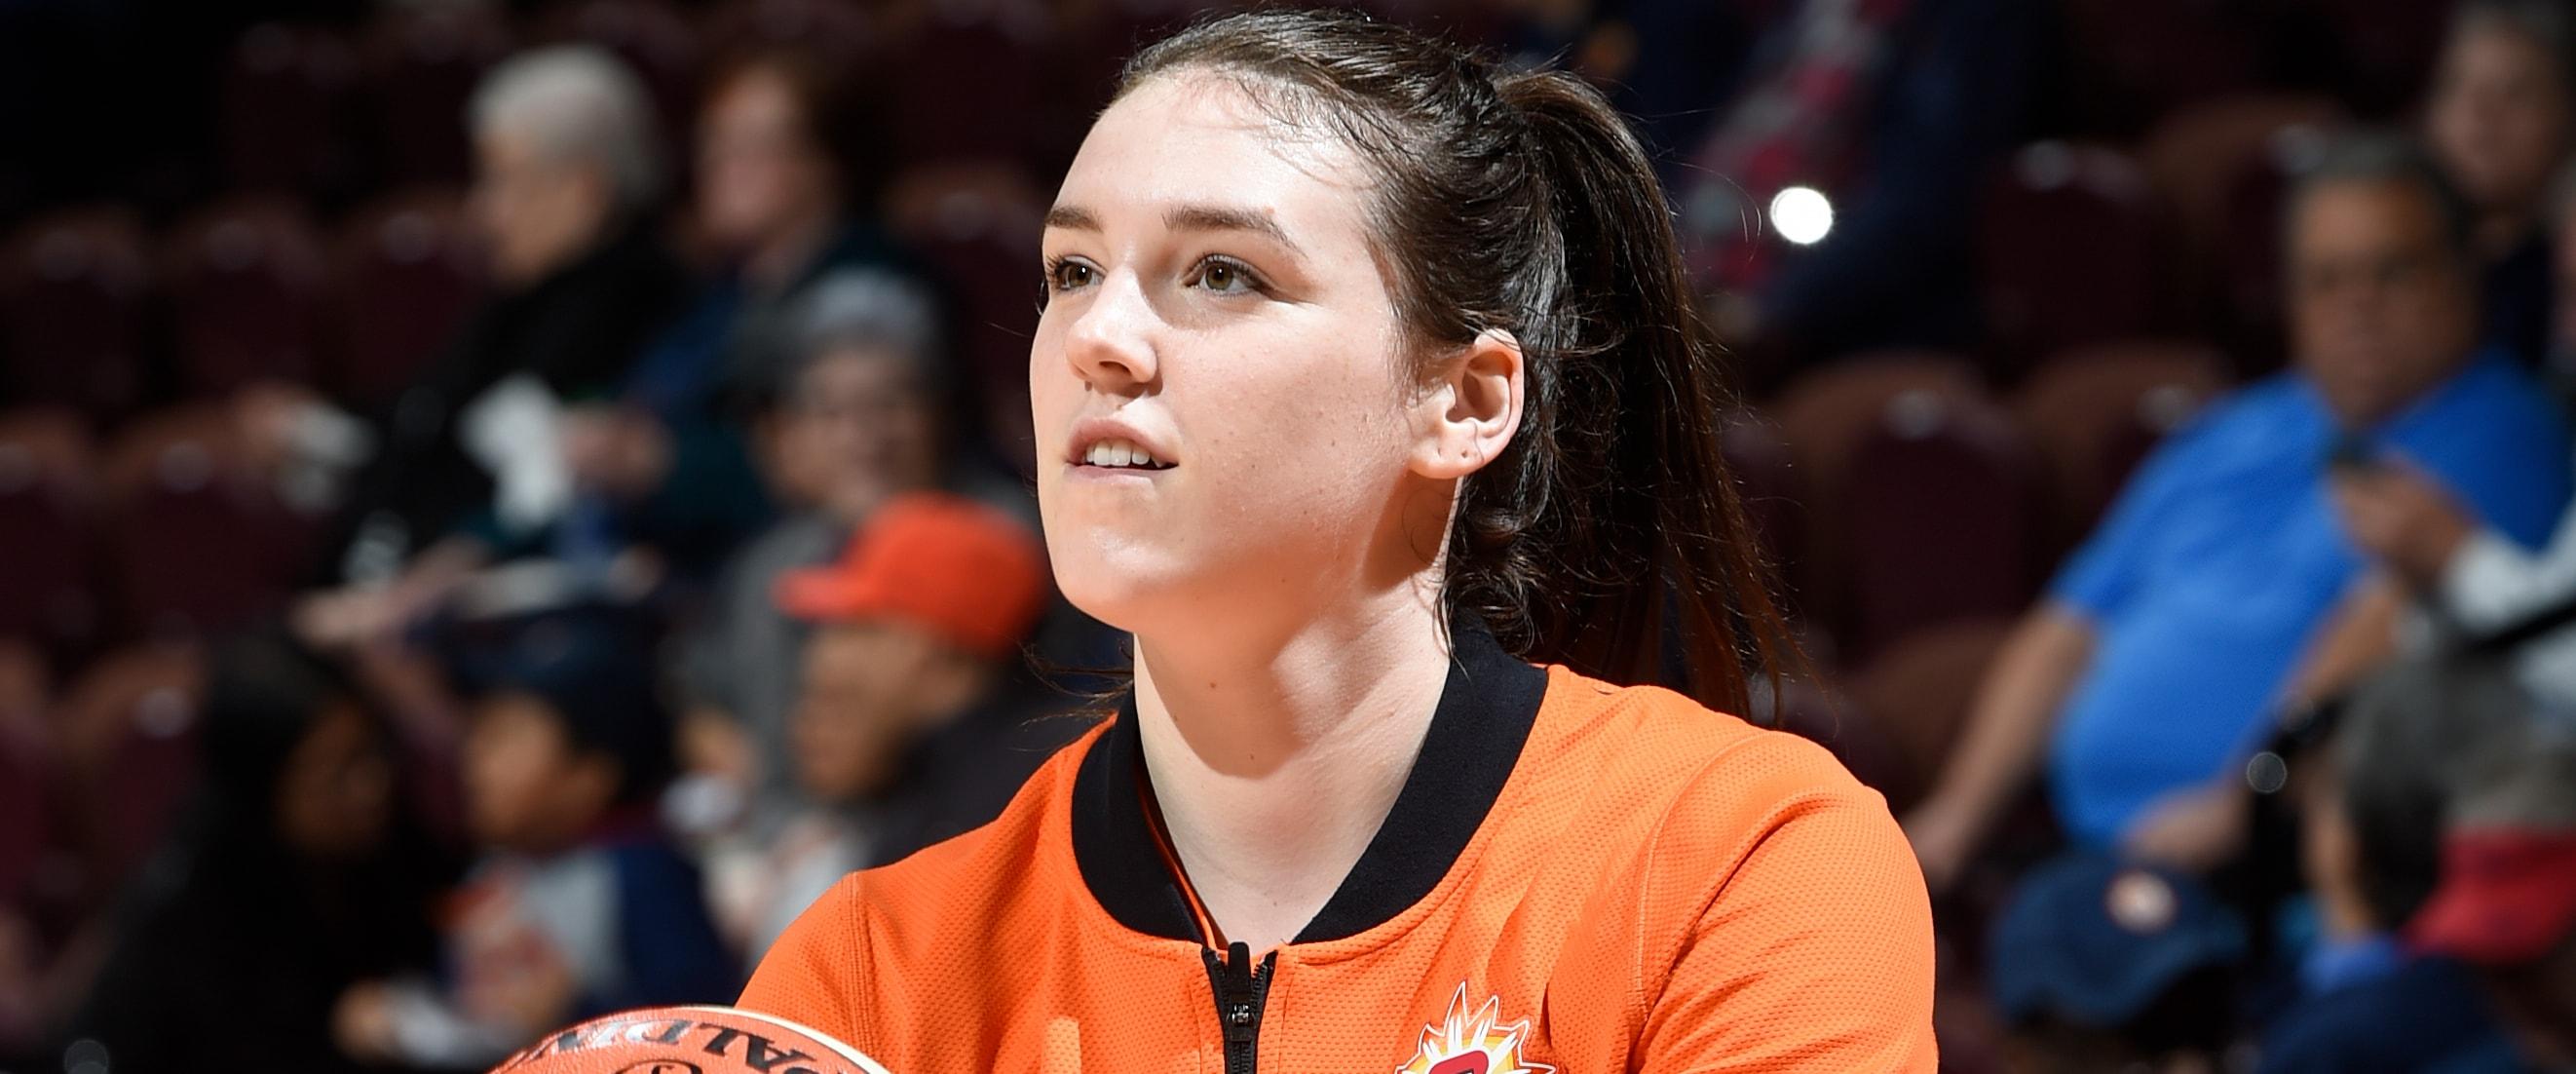 Lynx Sign Forward Bridget Carleton - Minnesota Lynx